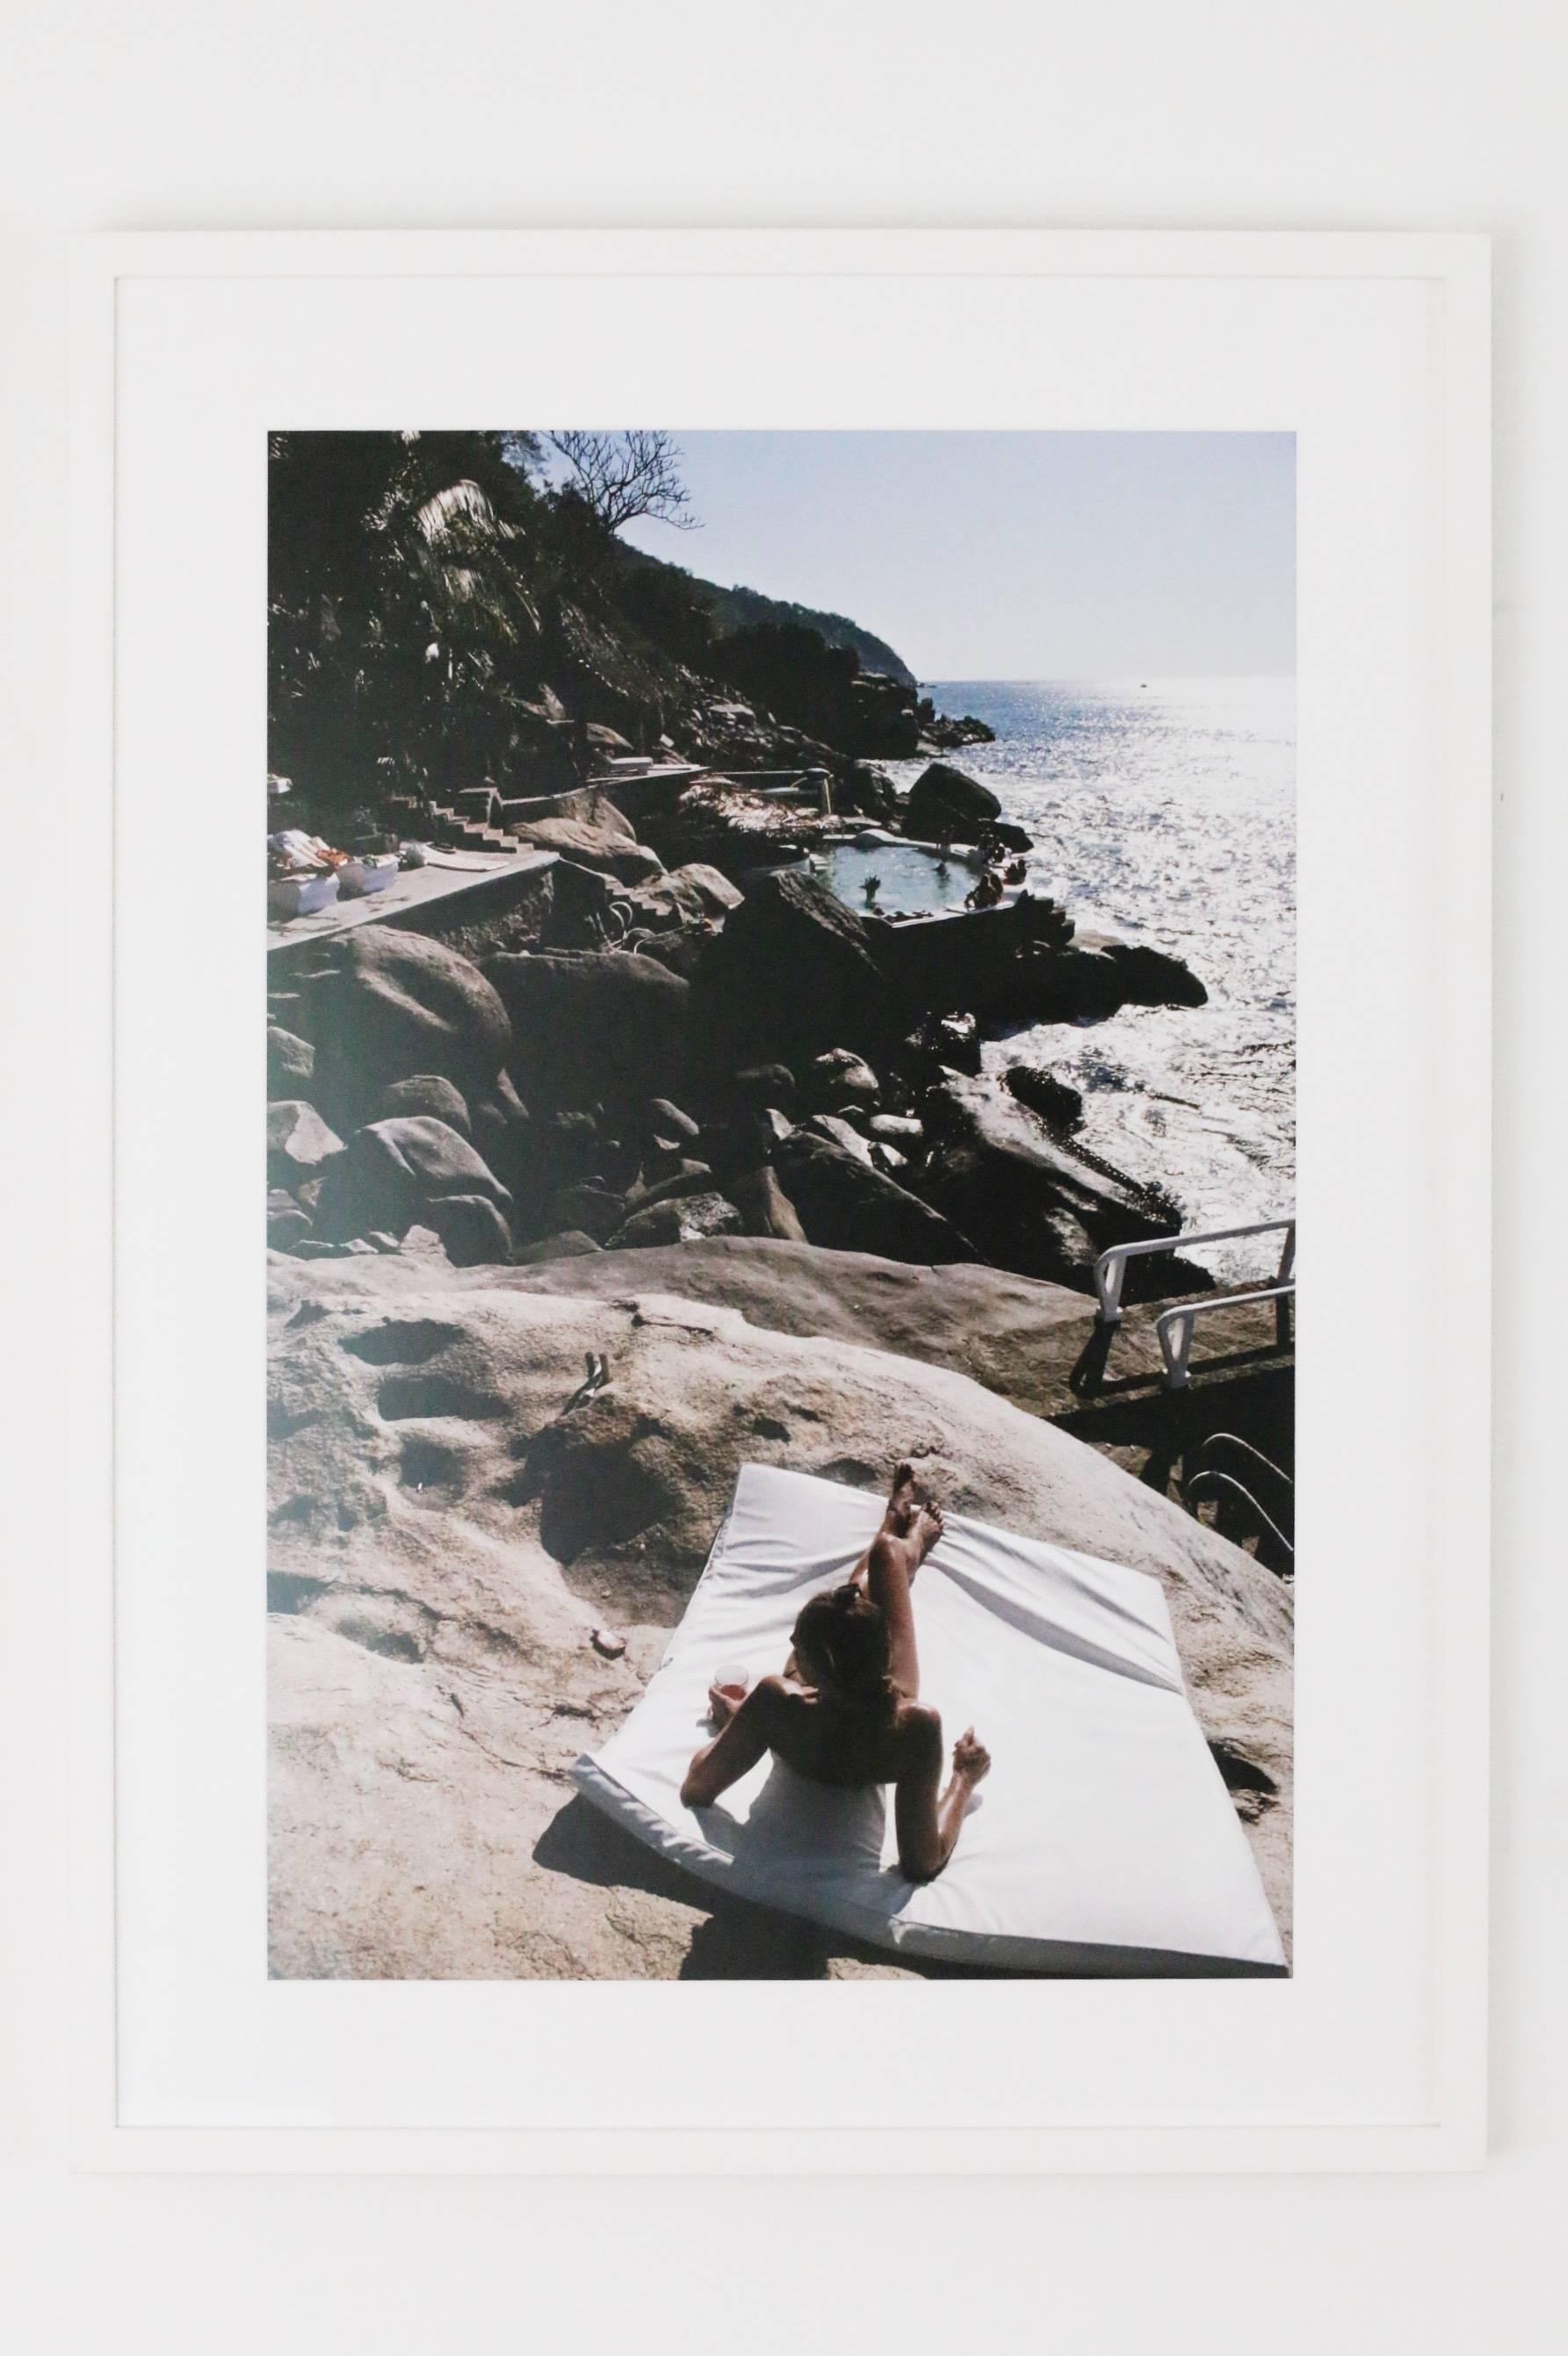 Las Brisas by Slim Aarons - Framed in white frame